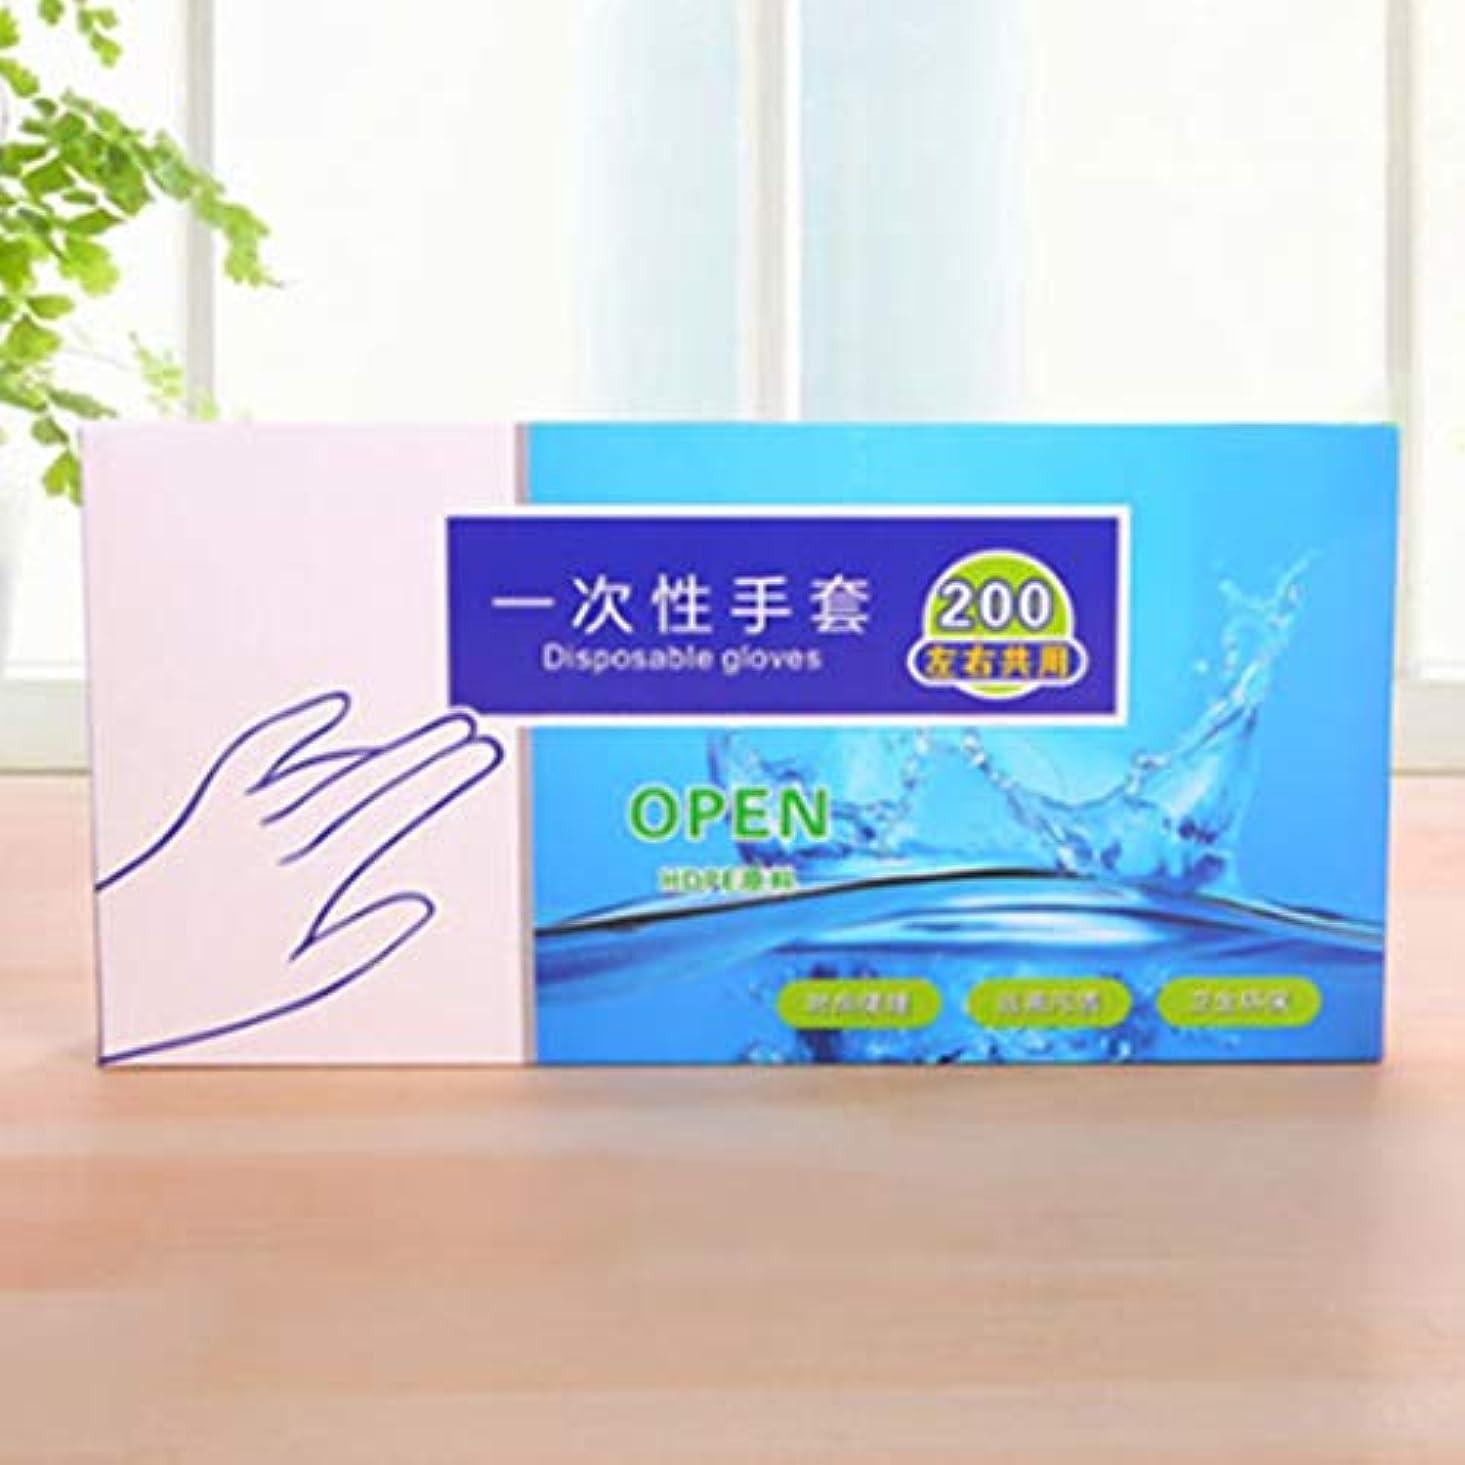 有害なほとんどの場合天才SODAOA屋 使い捨て手袋 透明 実用 衛生 プラスチック 調理 お掃除 毛染め 100枚/200枚 (200)